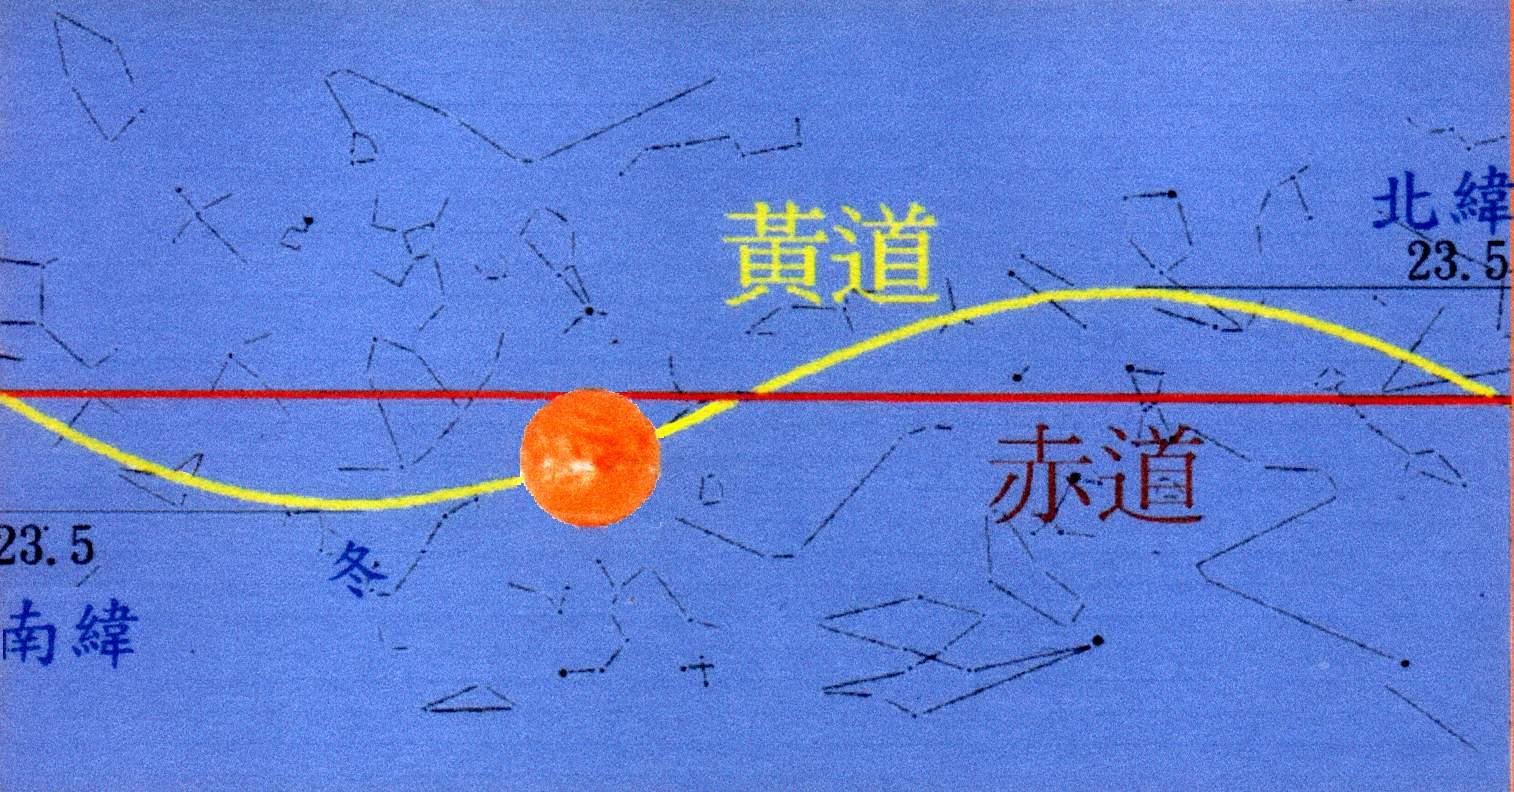 使得在地球上观看太阳的运行,会发现太阳的目视运行轨迹彷如在南北